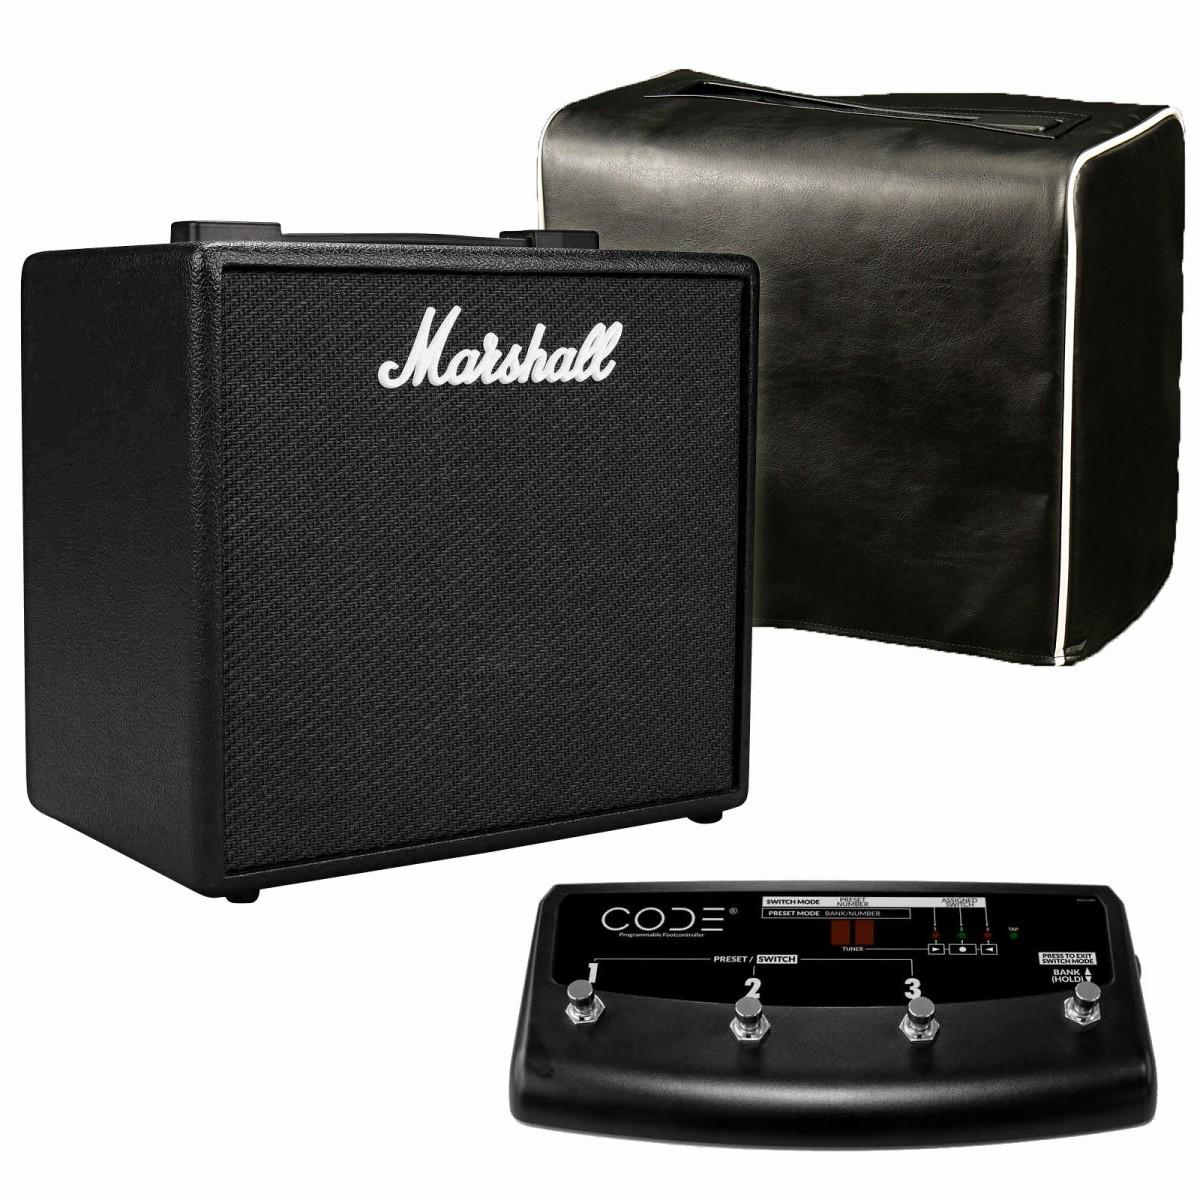 Marshall / CODE25 + PEDL91009【オリジナルカバー&専用スイッチ付きセット】 マーシャル コード フルモデリングアンプ【YRK】